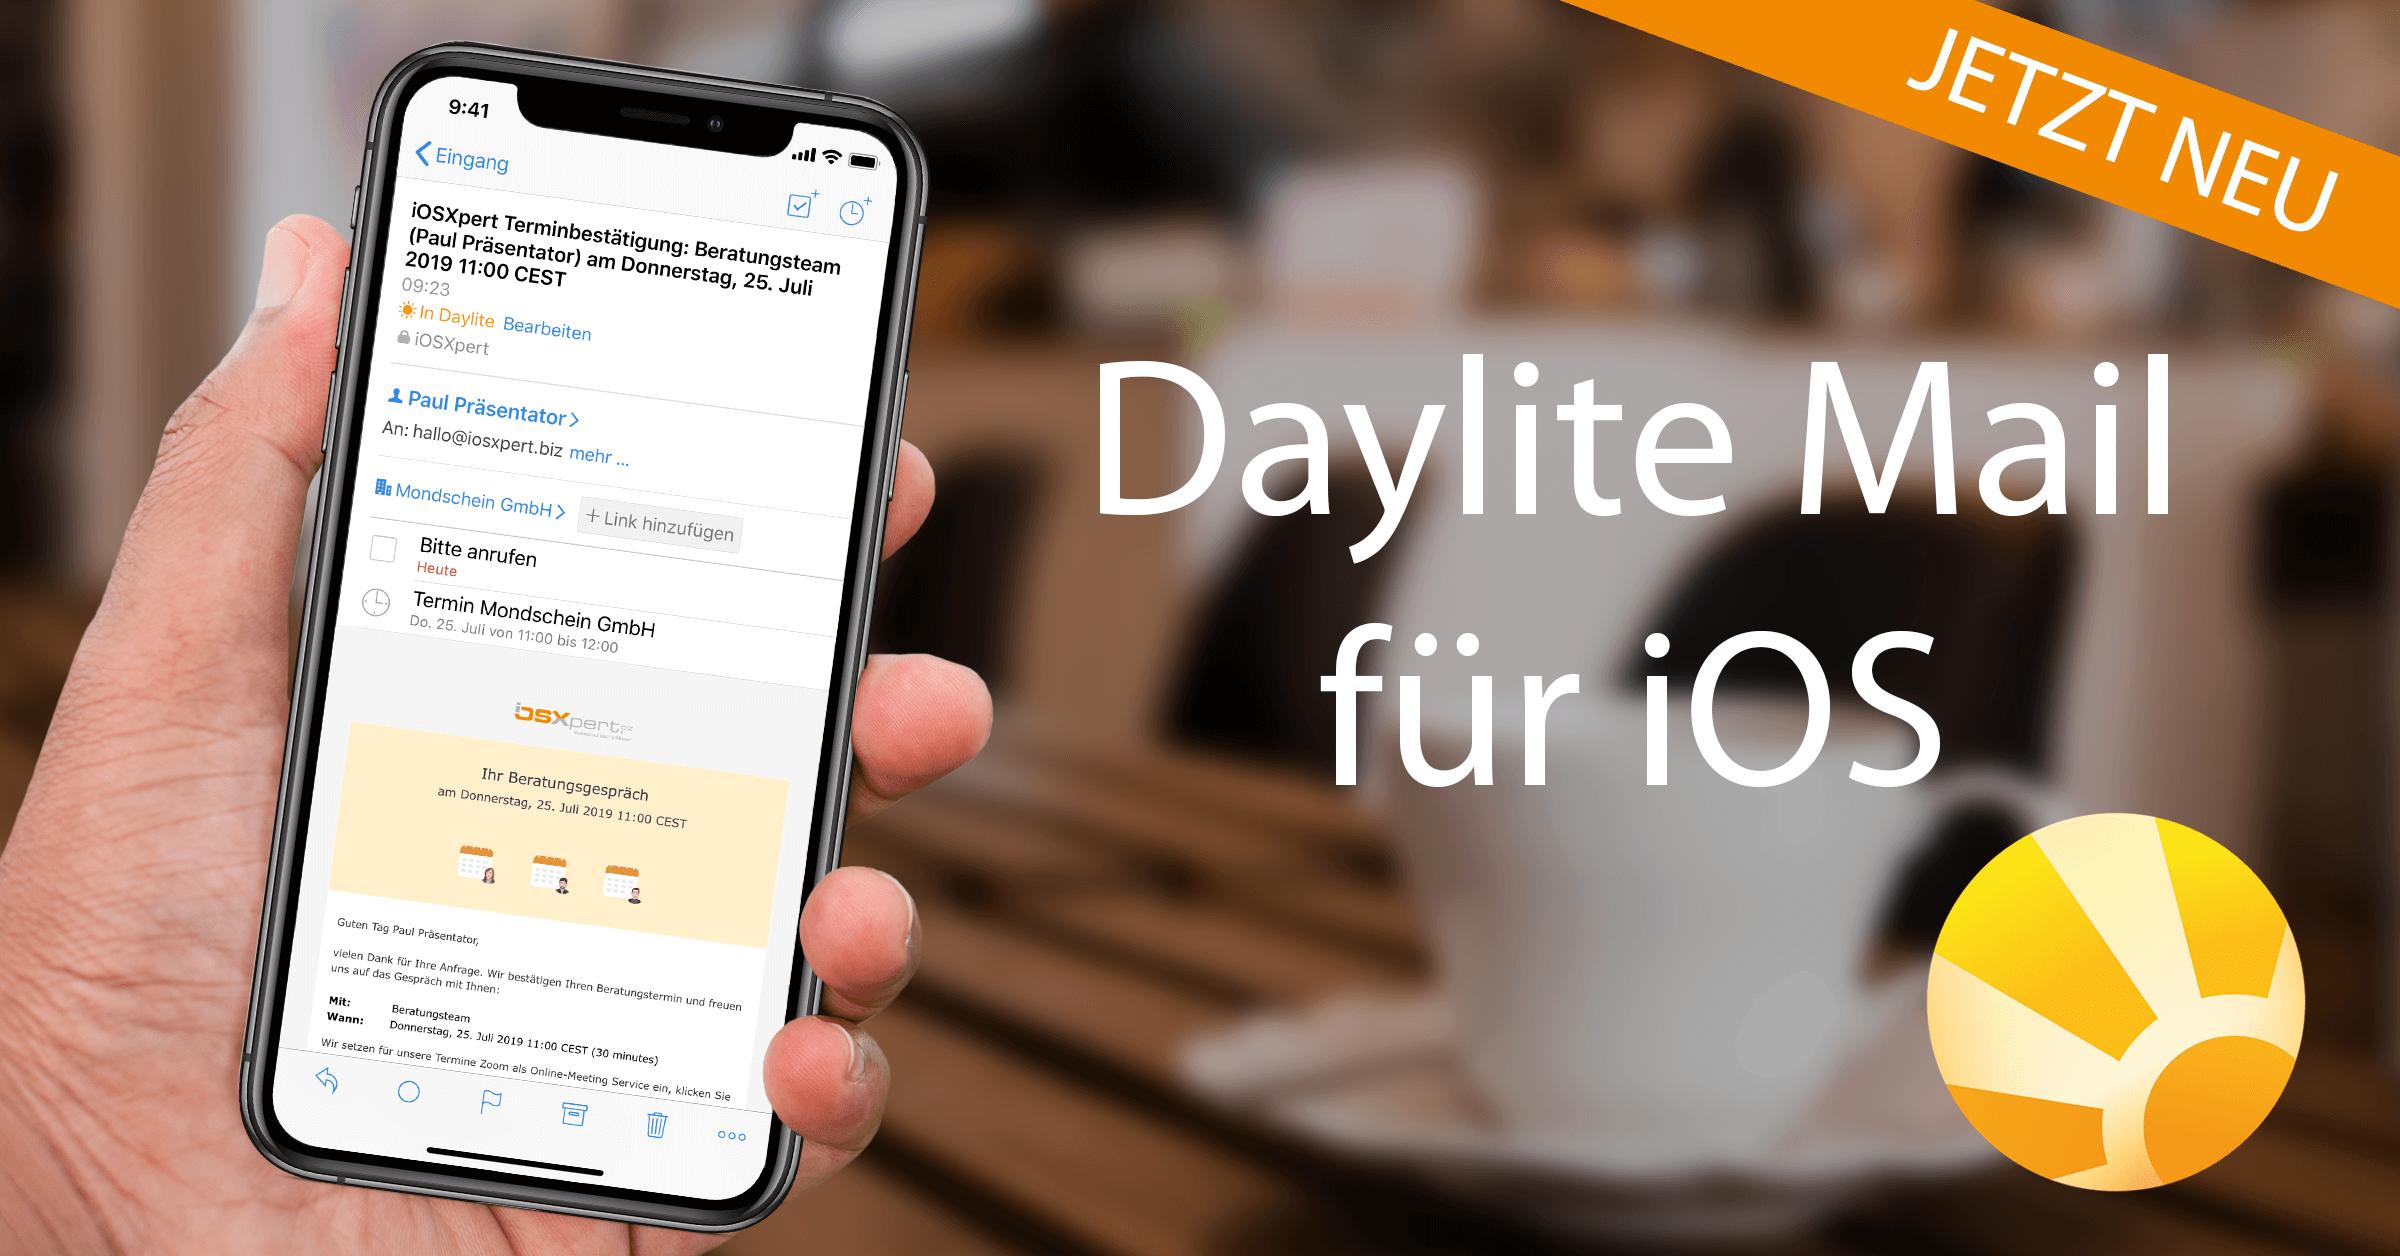 Daylite Mail für iOS ist da!